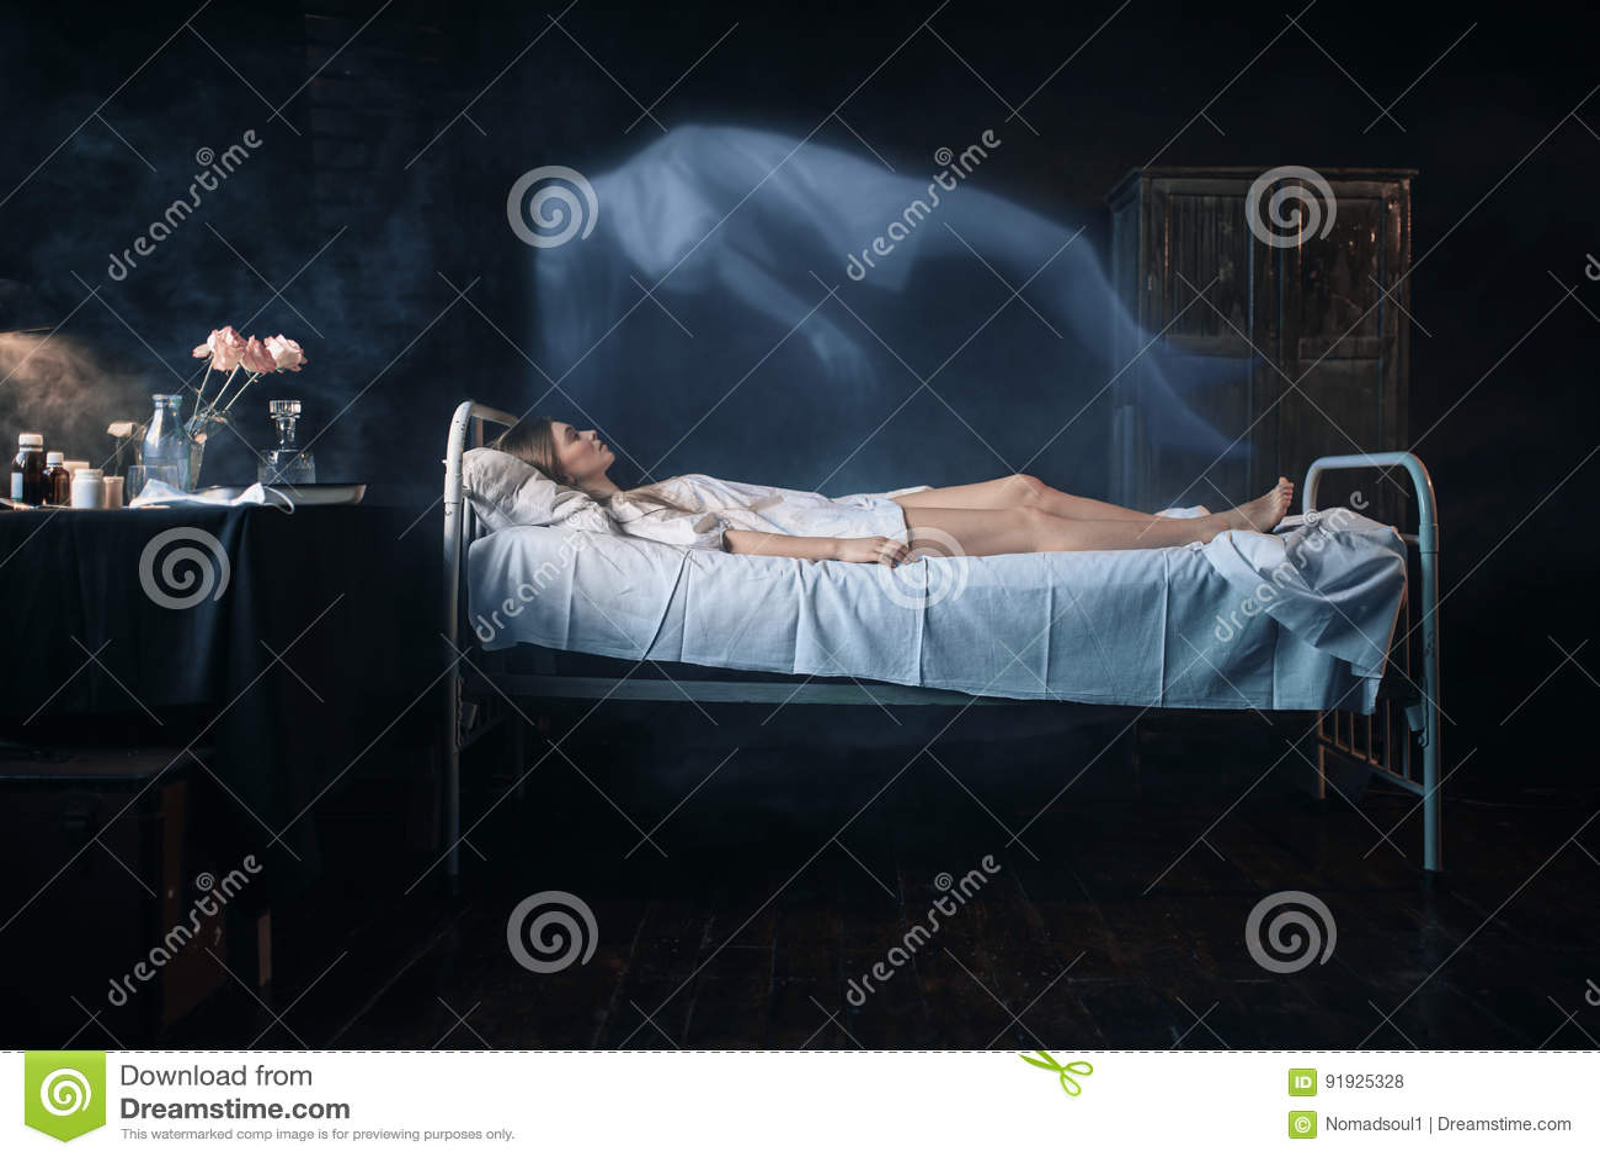 Dåligt kvinnan som ligger i sjukhussäng, andasidor, förkroppsligar